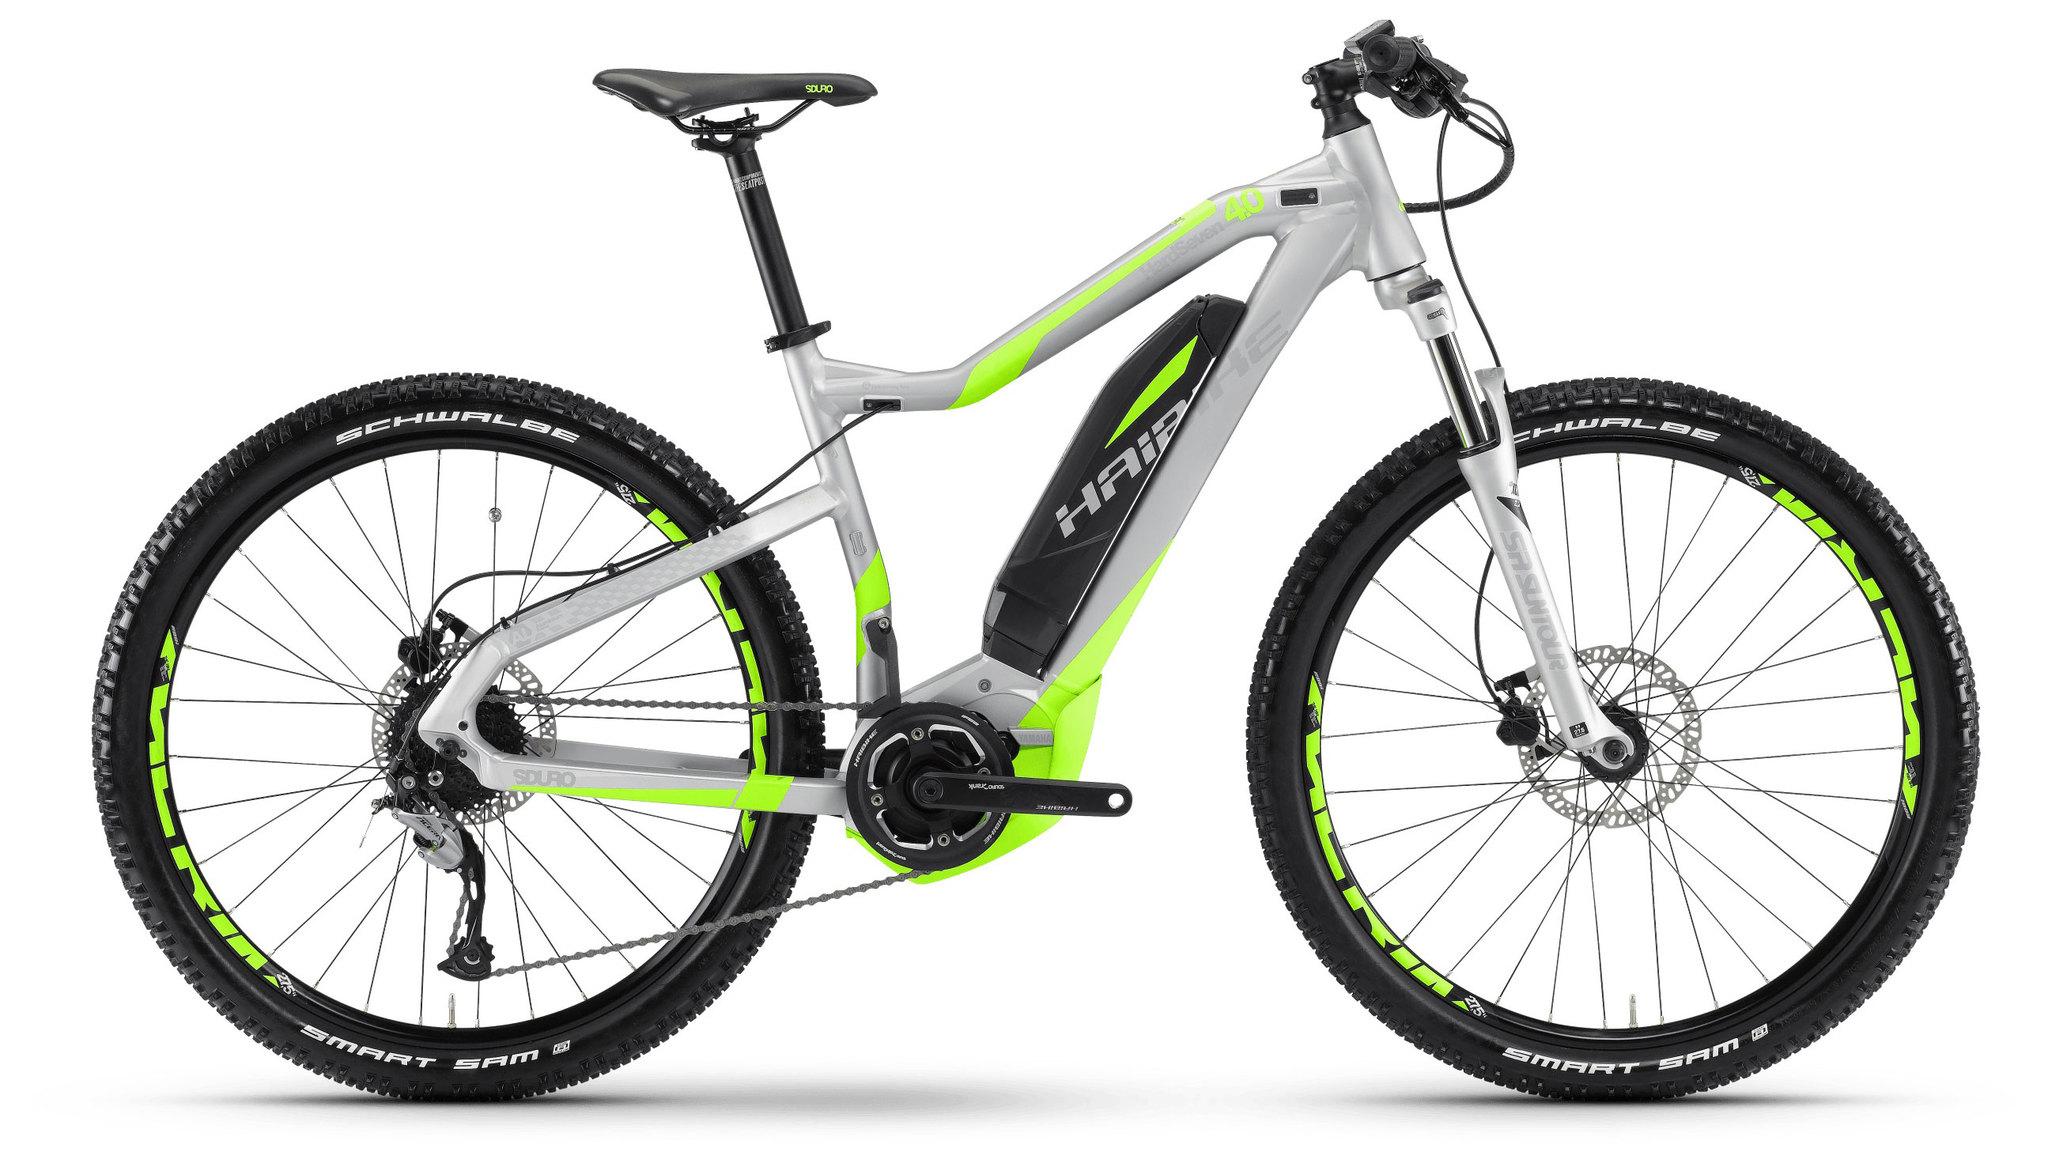 Haibike Xduro Hard Seven 4.0 400Wh (2017)Мужские<br>Если вы любите быстро ехать вниз, но не любите крутить педали в подъемы, то Xduro Hardseven - это отличный выход из ситуации. Этот байк предназначен для длительных прогулок по городским паркам и велодорожкам. Модель оснащена мощным электромотором, который поможет вам продолжить путешествие даже после того, как ваши силы будут на исходе. Рама  Gravity Casting aluminium 6061 изготовлена из сплава алюминия, что помогло снизить вес, но не прочность. Гидравлические тормоза помогут легко затормозить даже при спуске со склонов.<br>